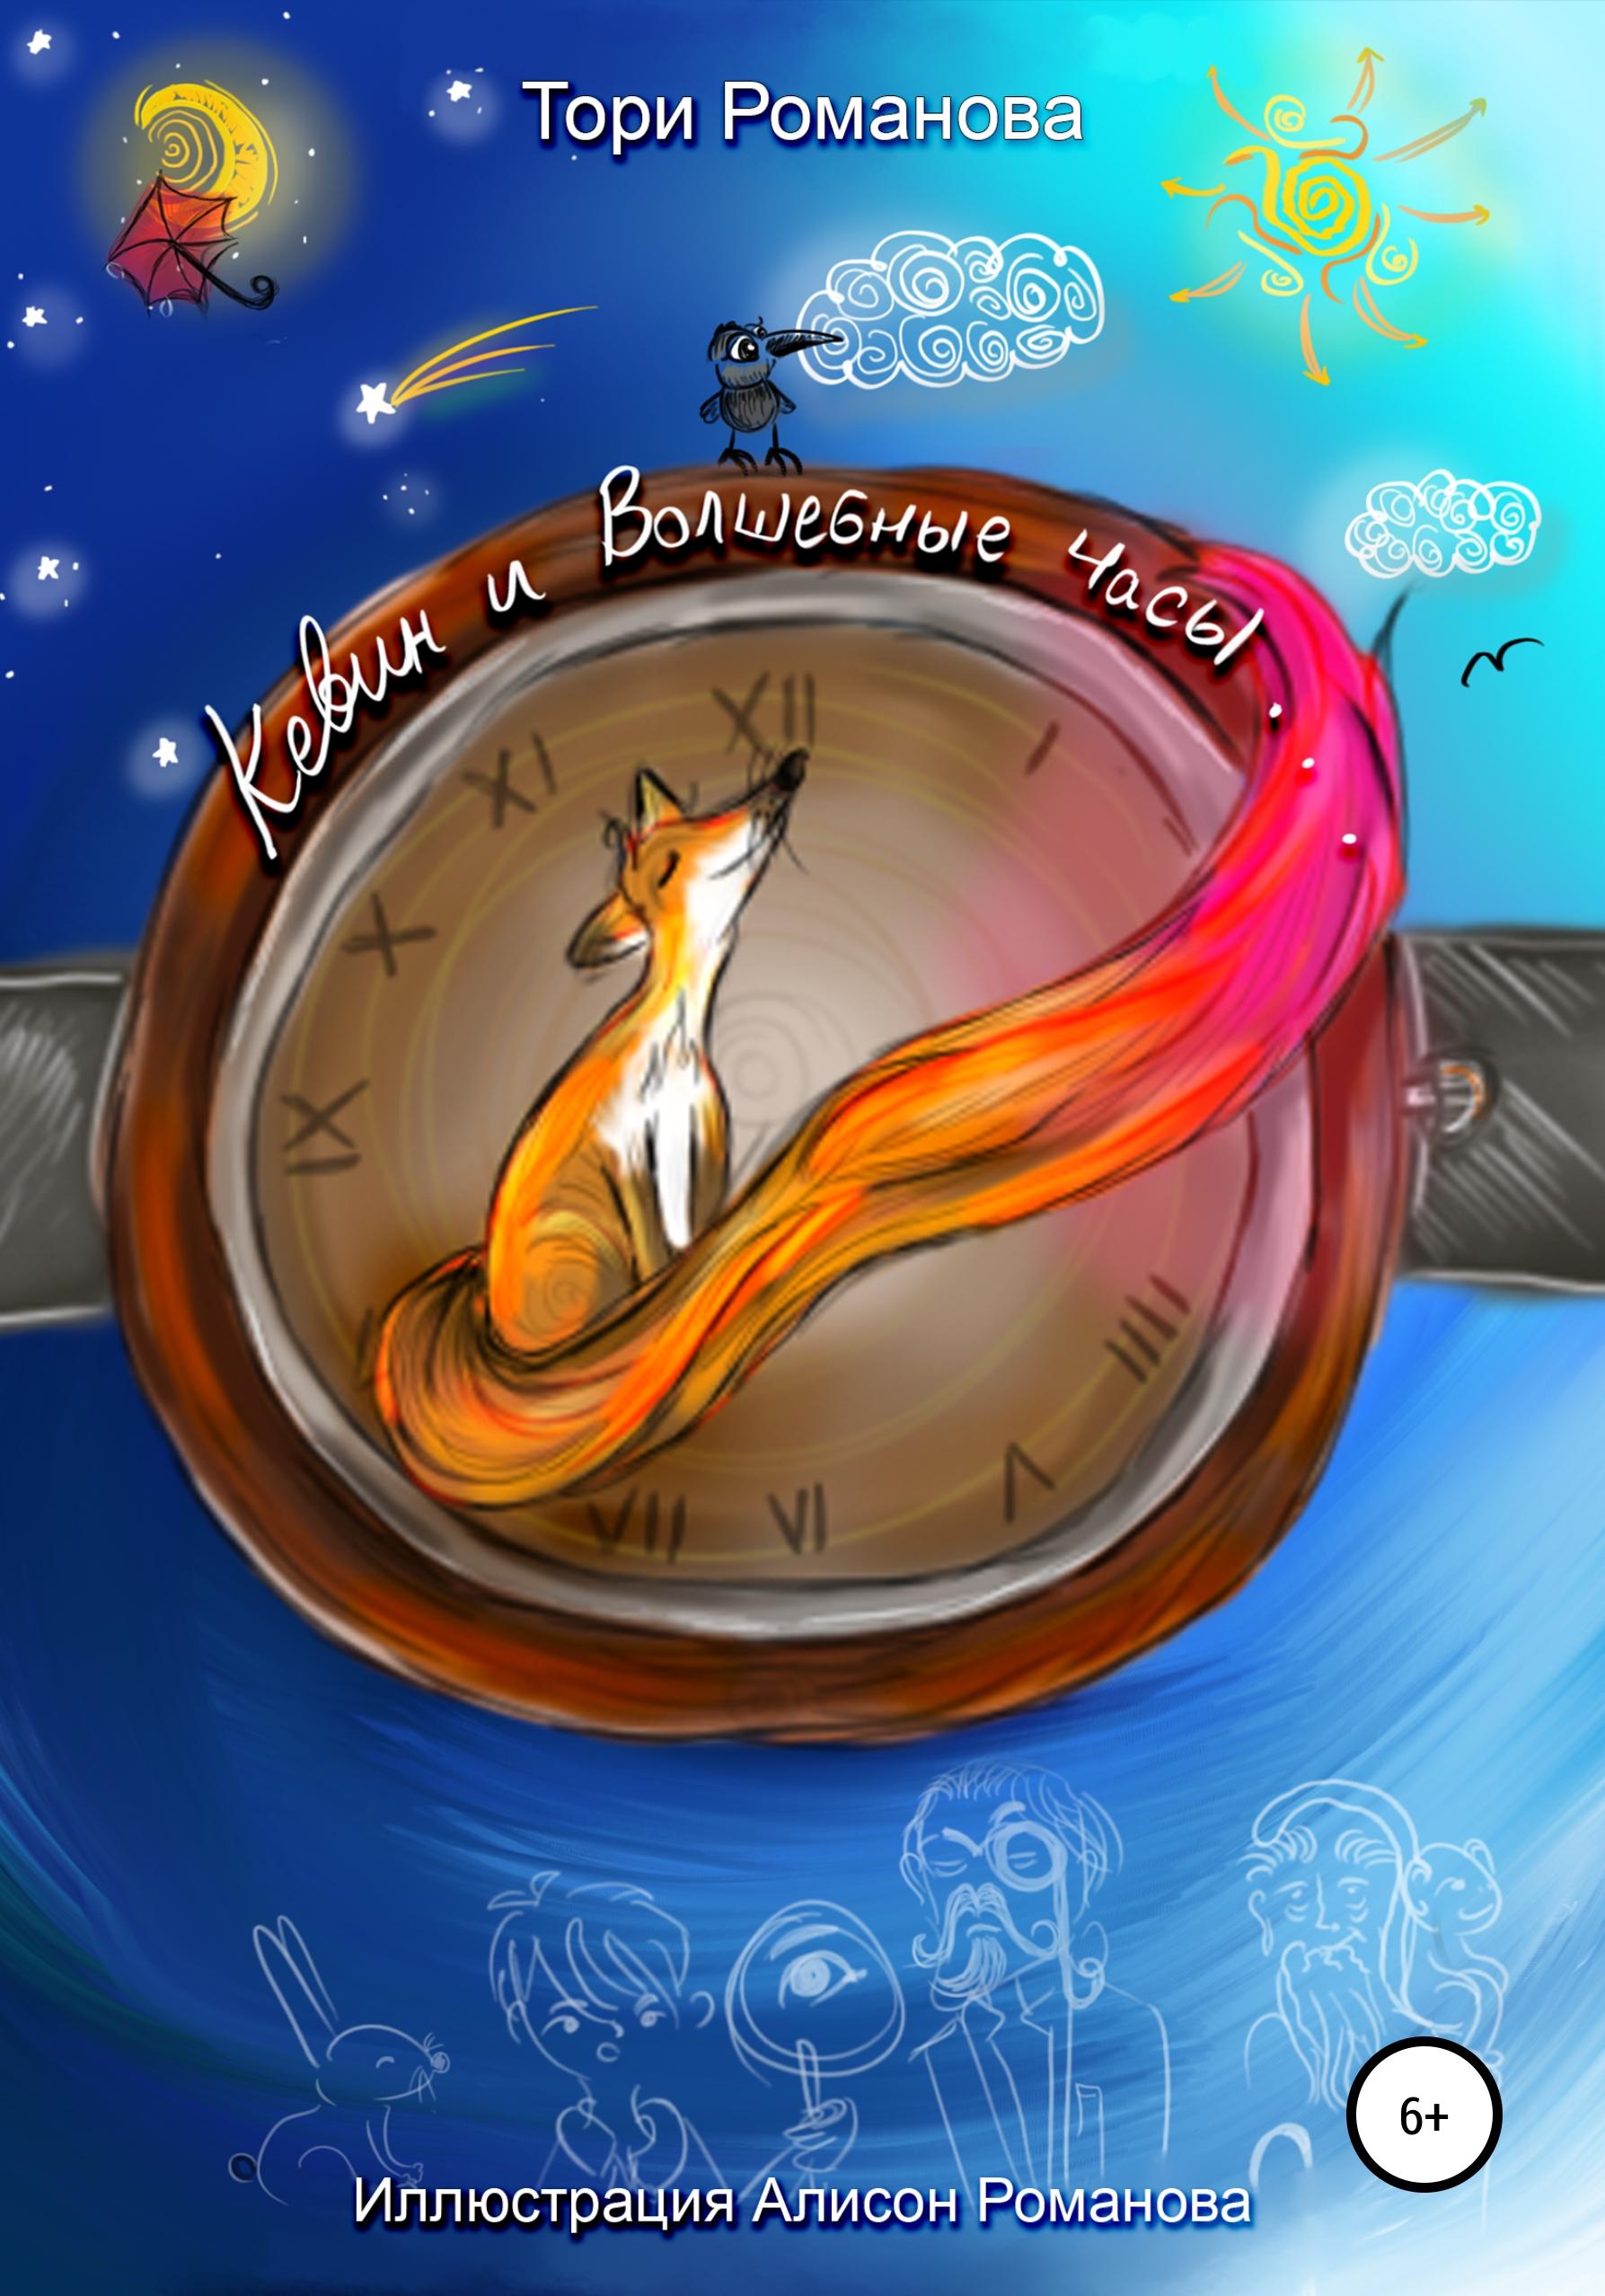 Кевин и волшебные часы